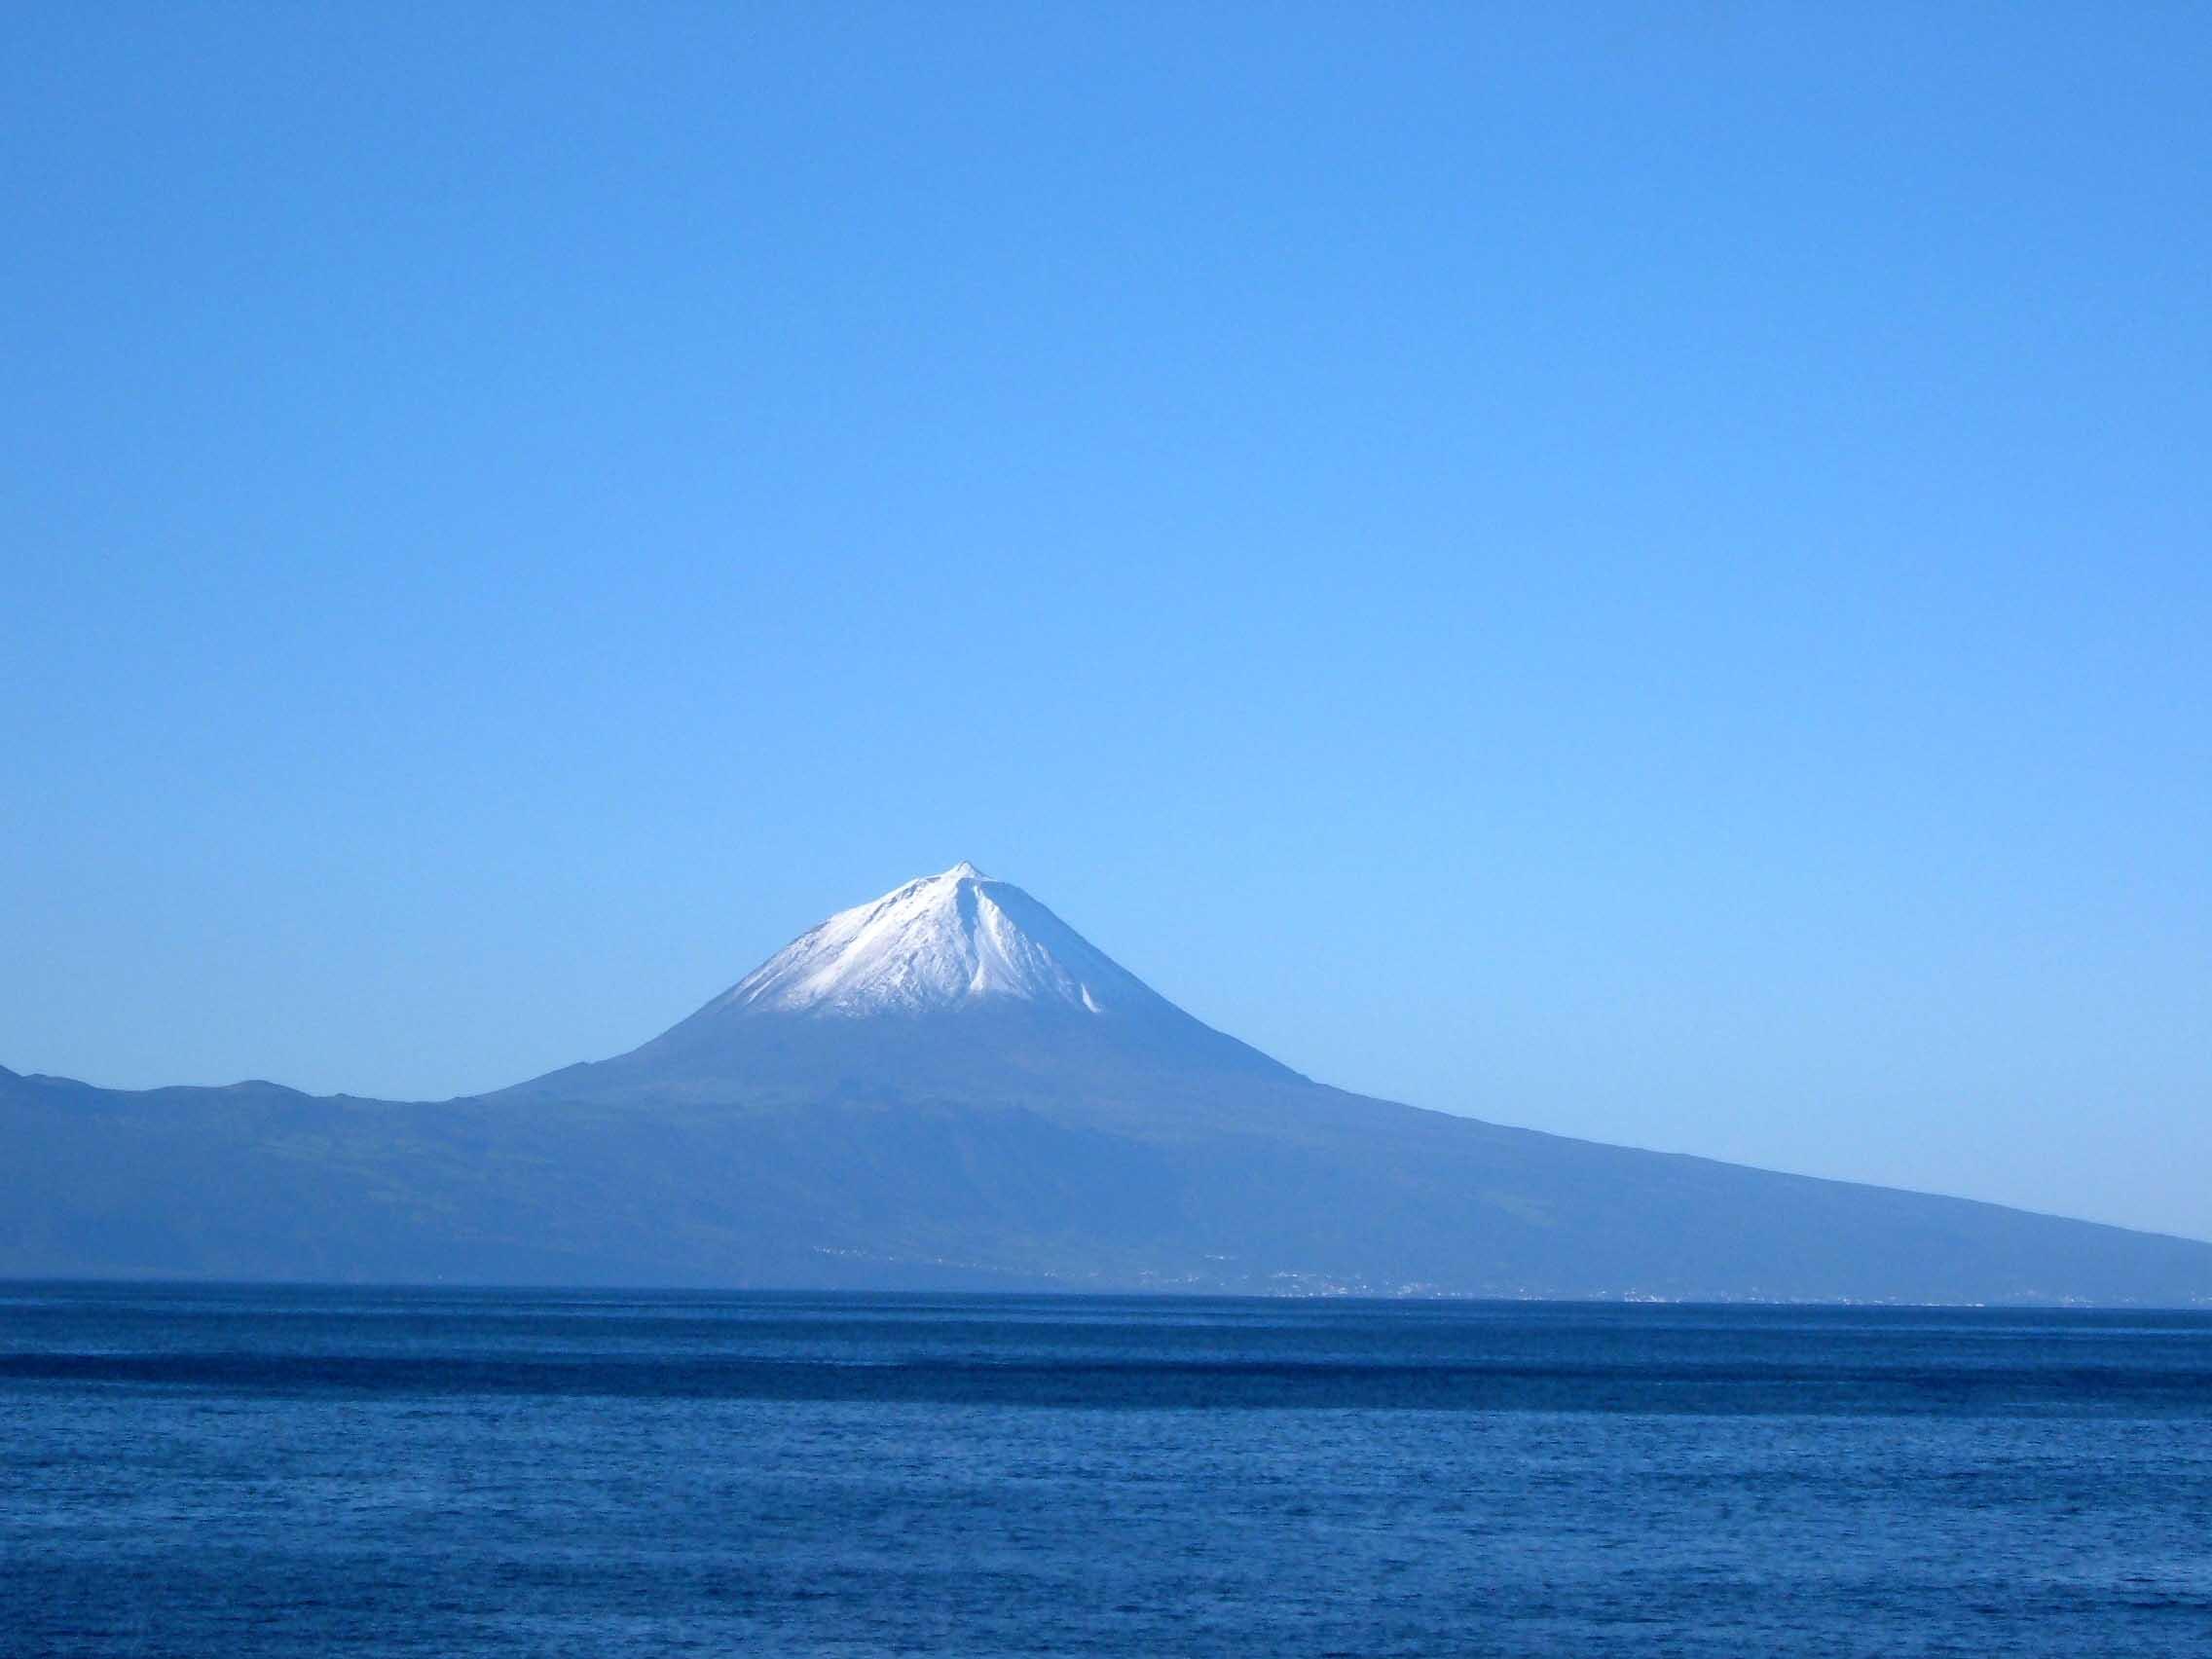 Ilha_do_Pico_vista_da_Faj%C3%A3_Grande,_Calheta,_ilha_de_S%C3%A3o_Jorge,_A%C3%A7ores,_Portugal.JPG